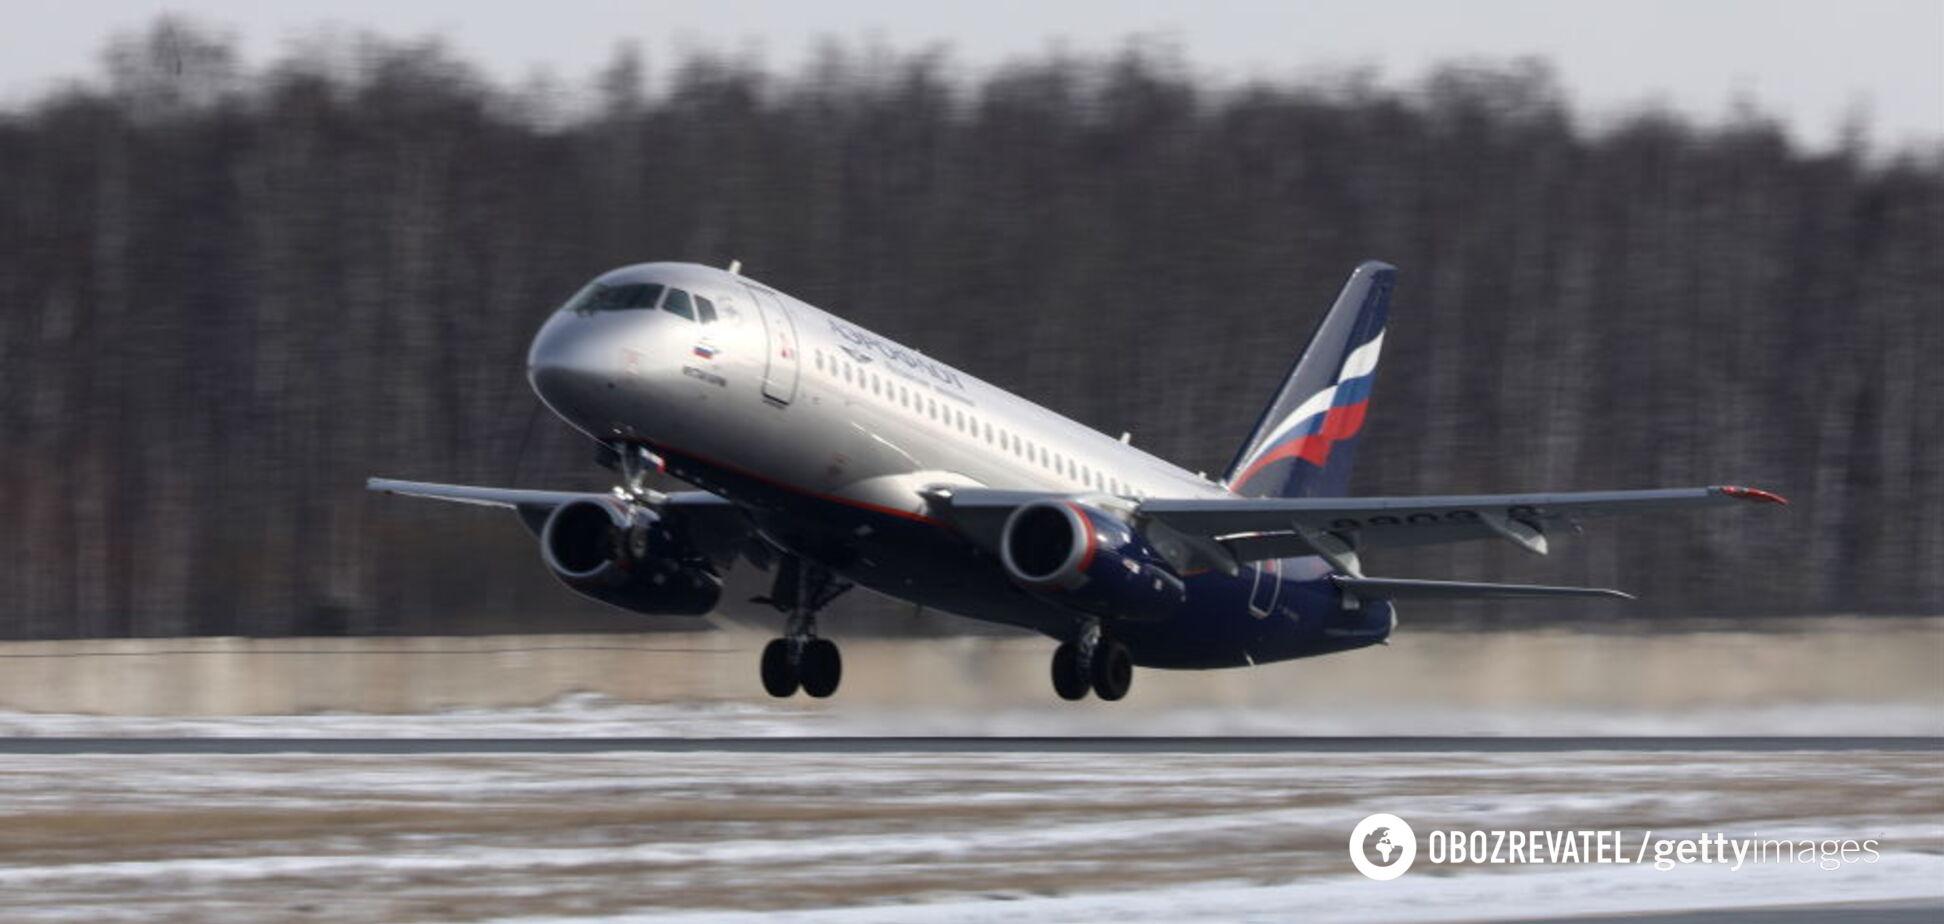 Опаснейший самолет: источник сообщил скандальные данные о SSJ-100